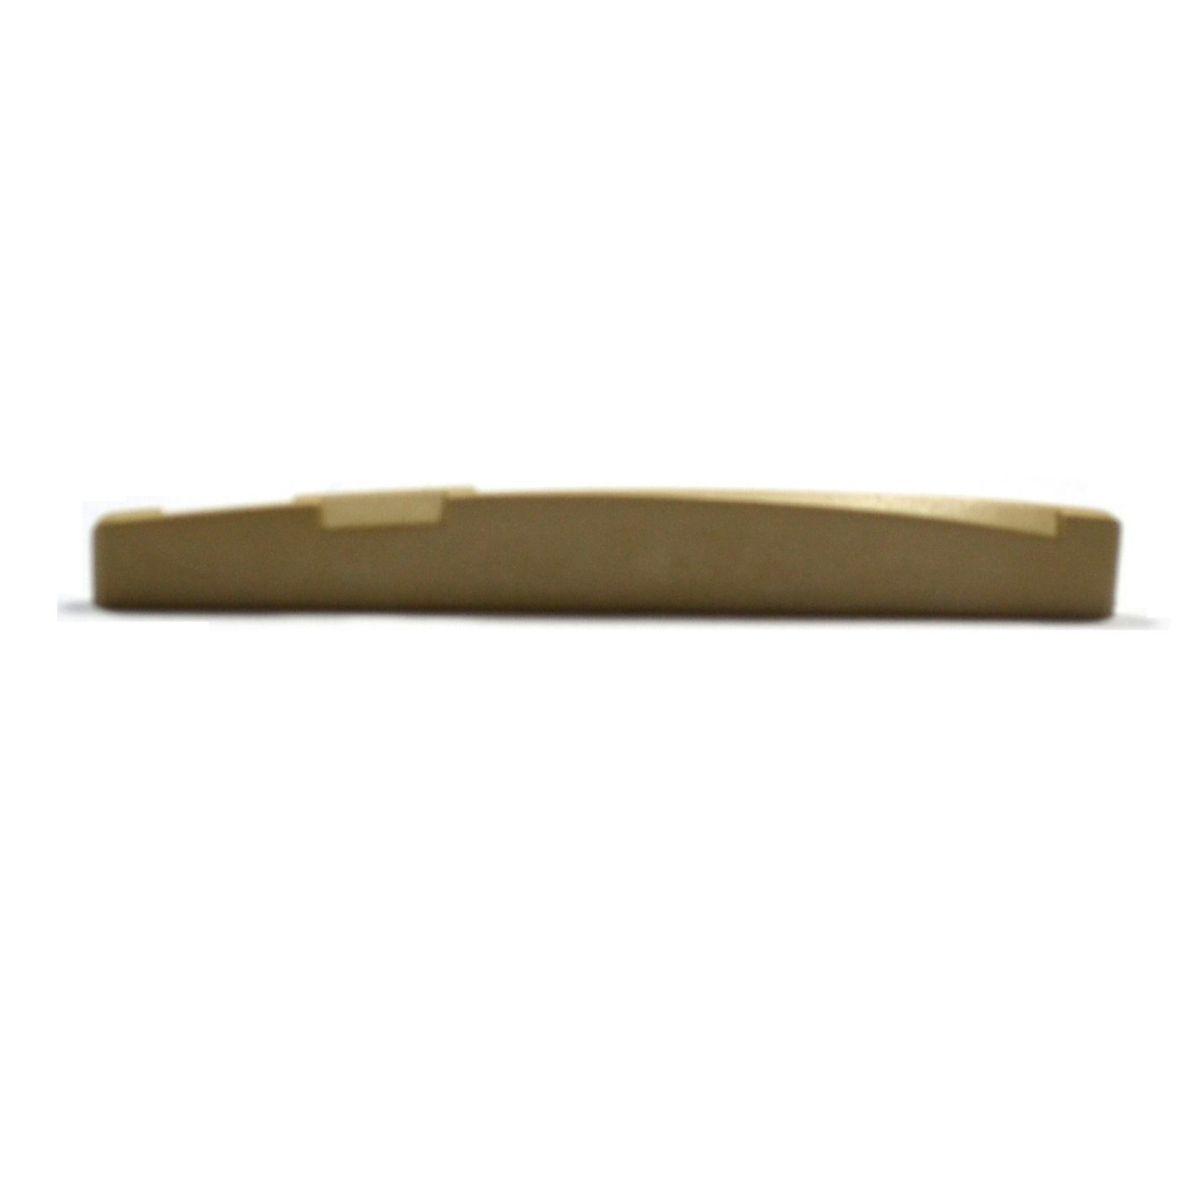 """Rastilho com compensação de oitava de plástico cor """"areia""""  para violão/viola (3mm x 7.4/6.0mm x 74mm) - Alice (A026GGY)  - Luthieria Brasil"""